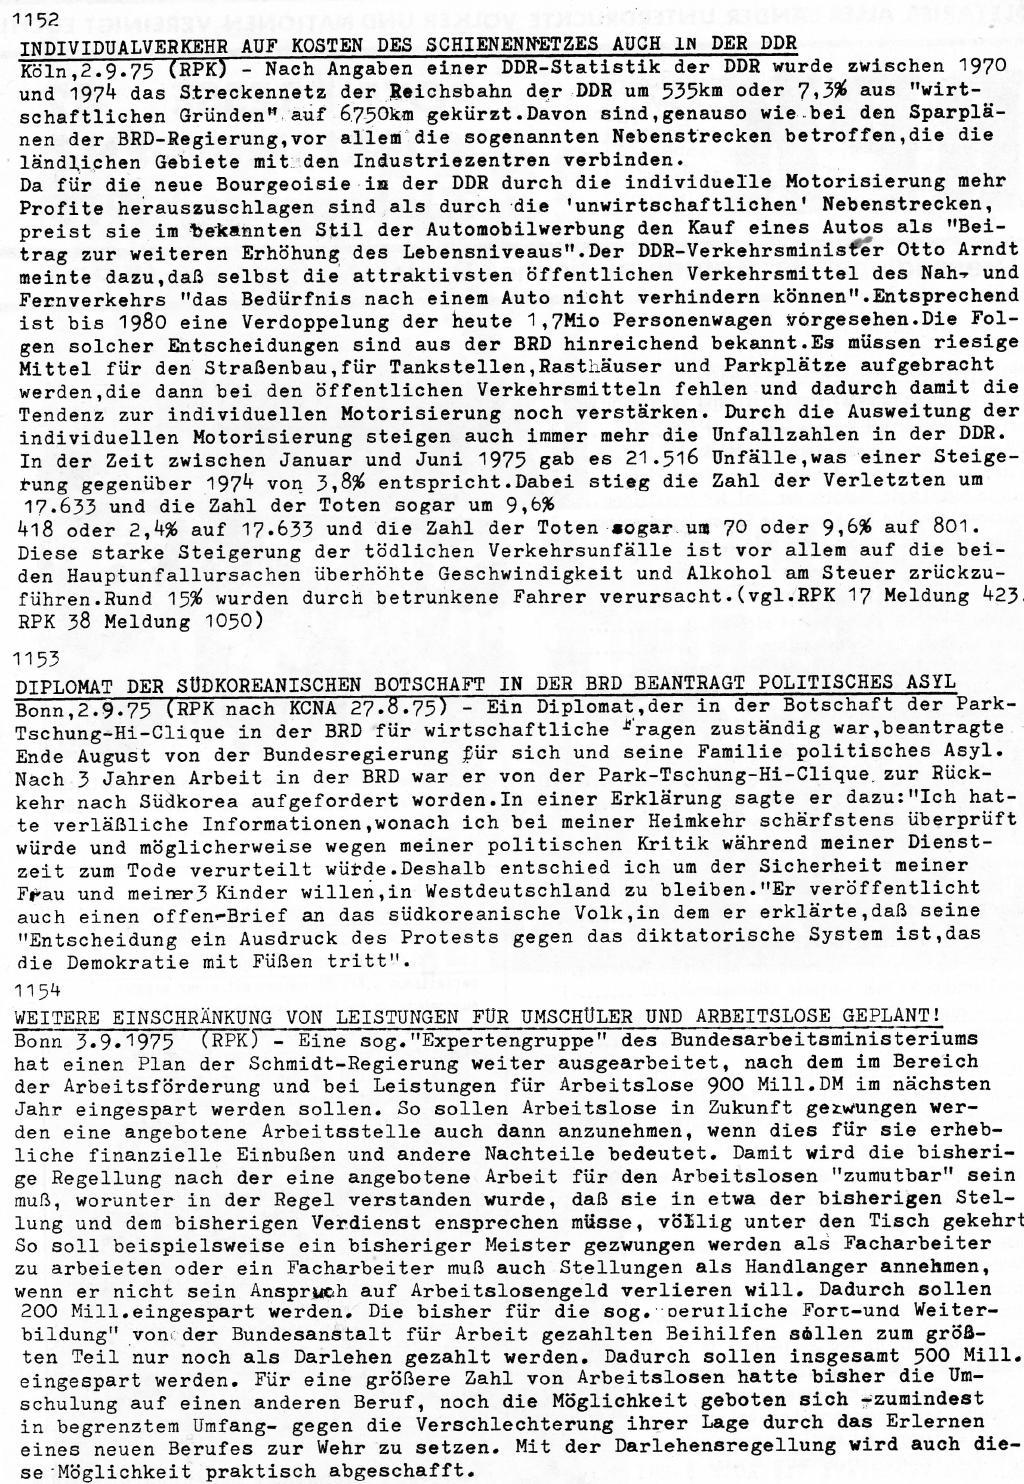 RPK_Pressedienst_1975_42_02